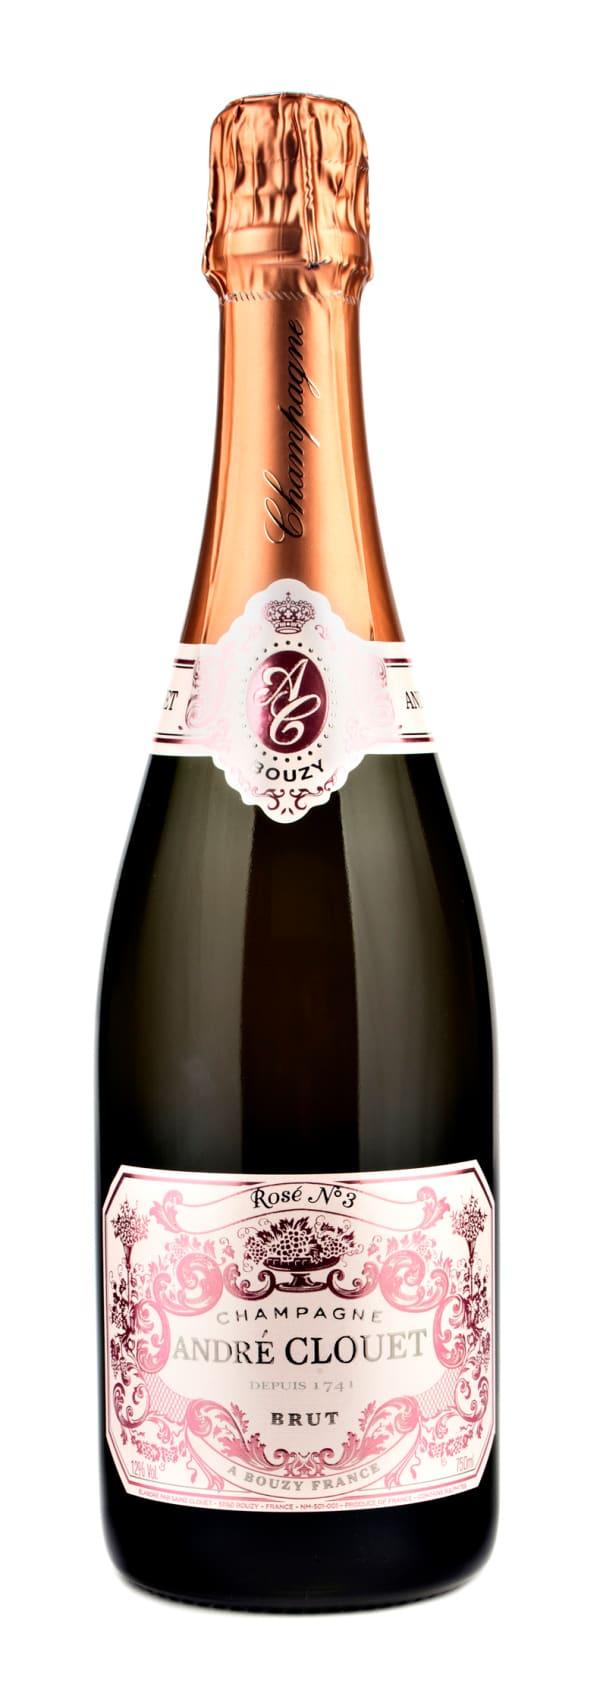 André Clouet Rosé Champagne Brut